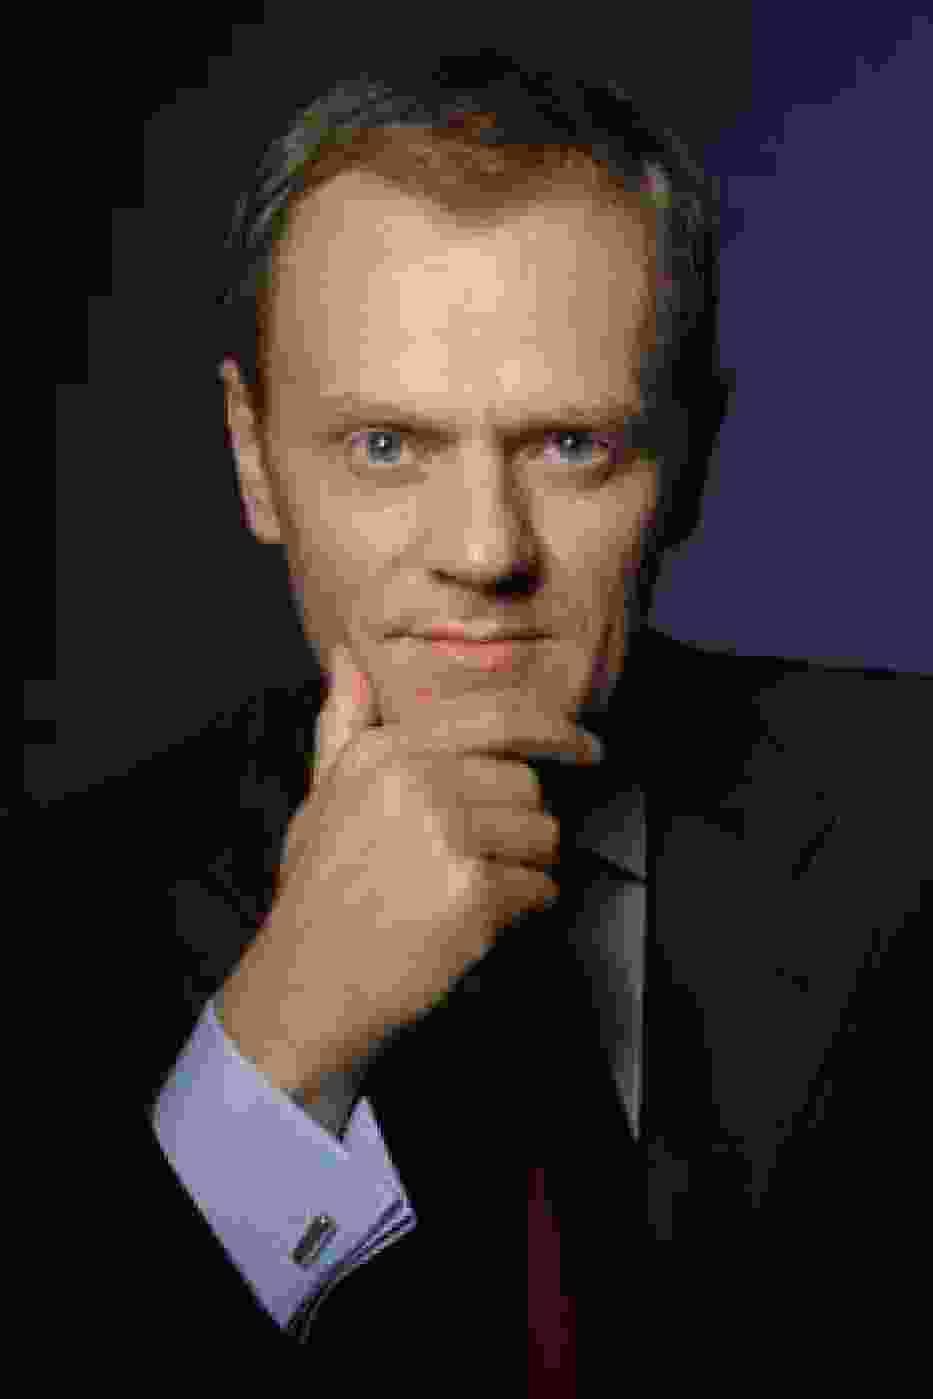 Zdjęcie Donalda Tuska z oficjalnej strony Premiera RP